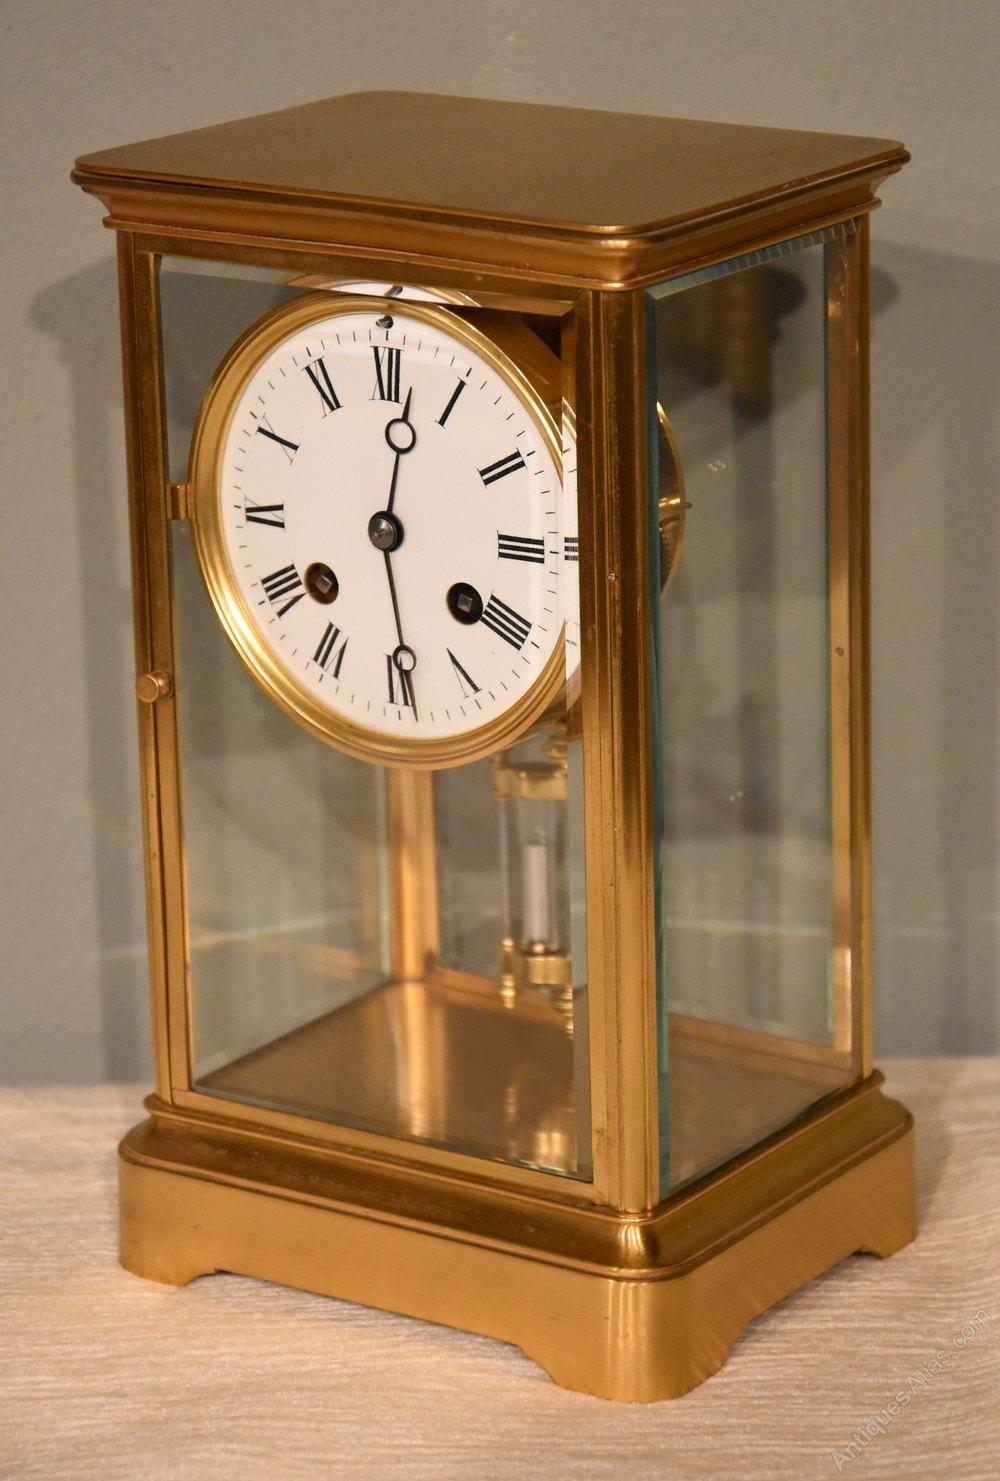 Antique glass mantel clocks